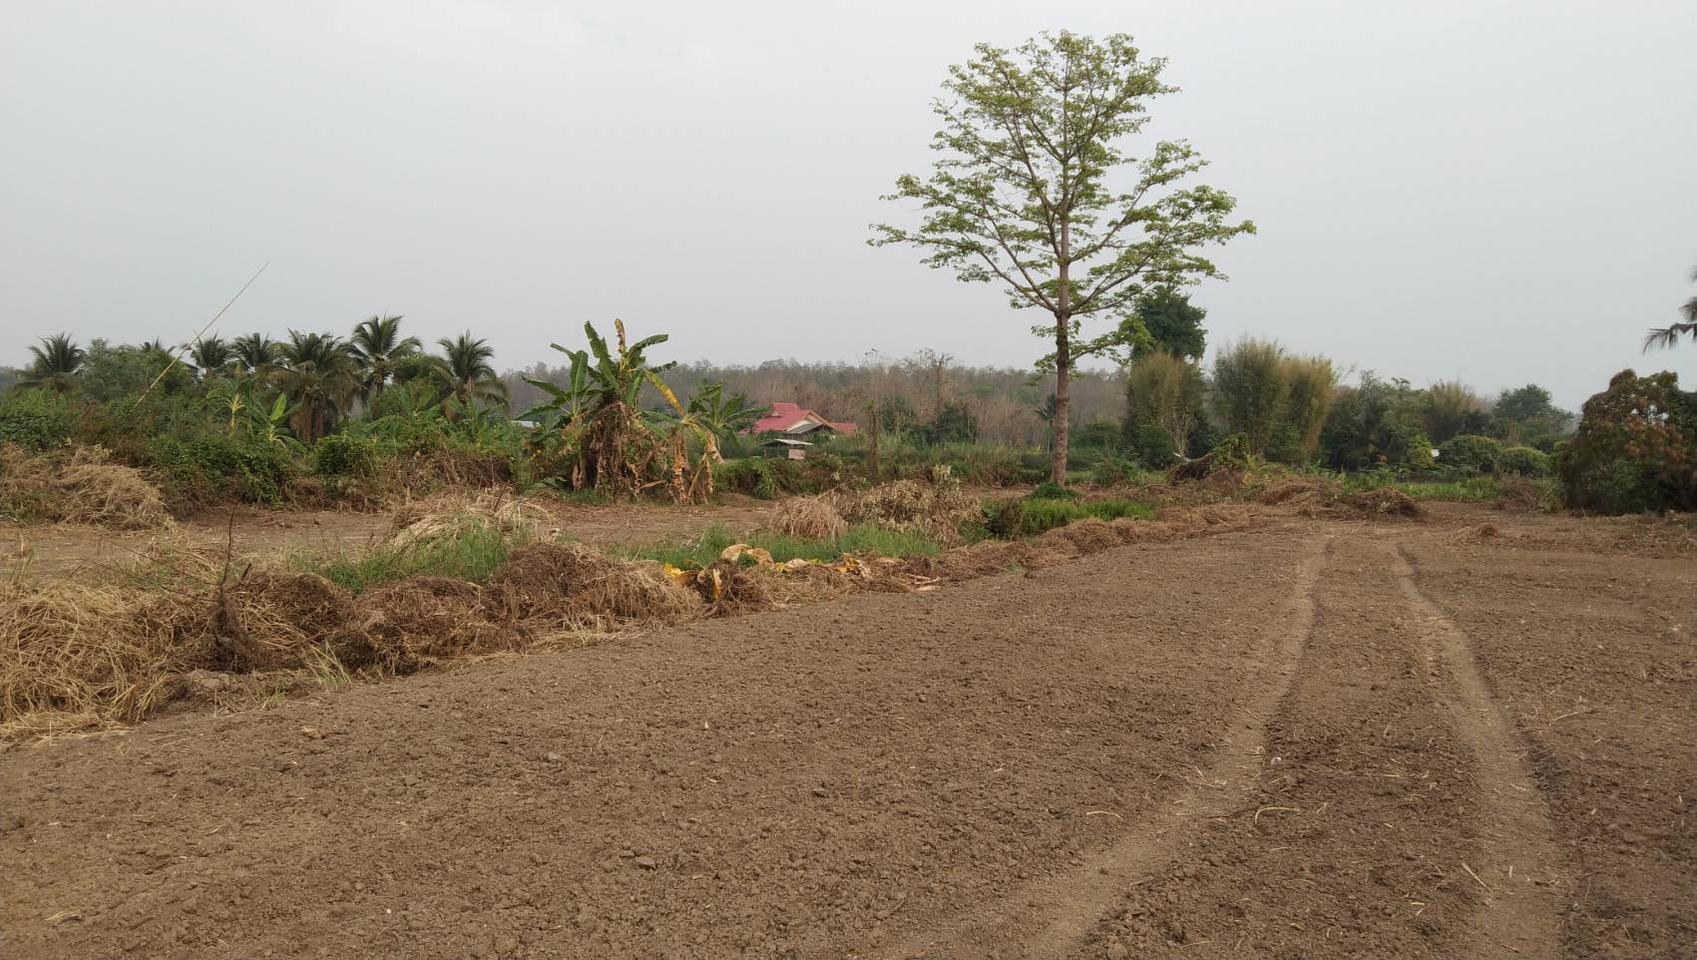 ขายที่ดิน สำหรับที่อยู่อาศัย และทำการเกษตร รูปที่ 6